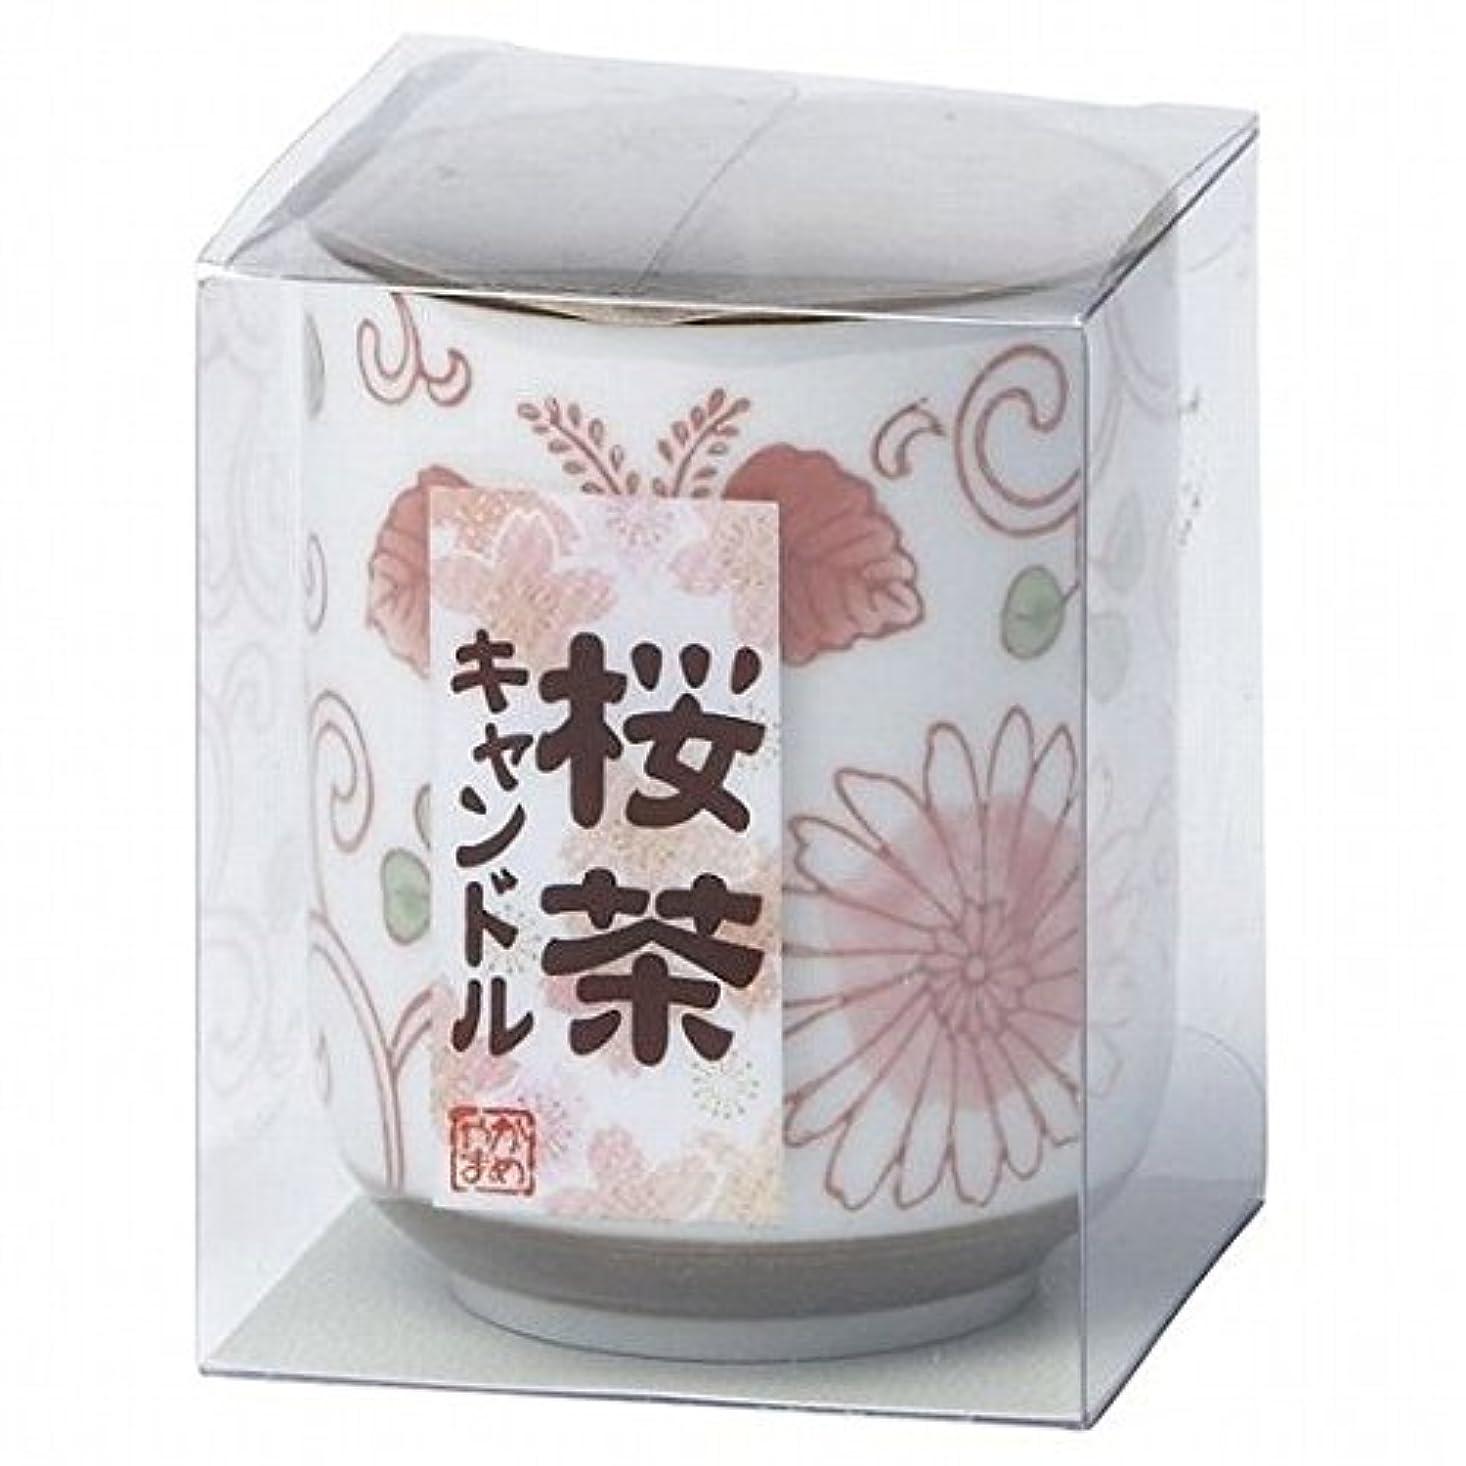 改善する売上高ハンバーガーkameyama candle(カメヤマキャンドル) 桜茶キャンドル(86580000)